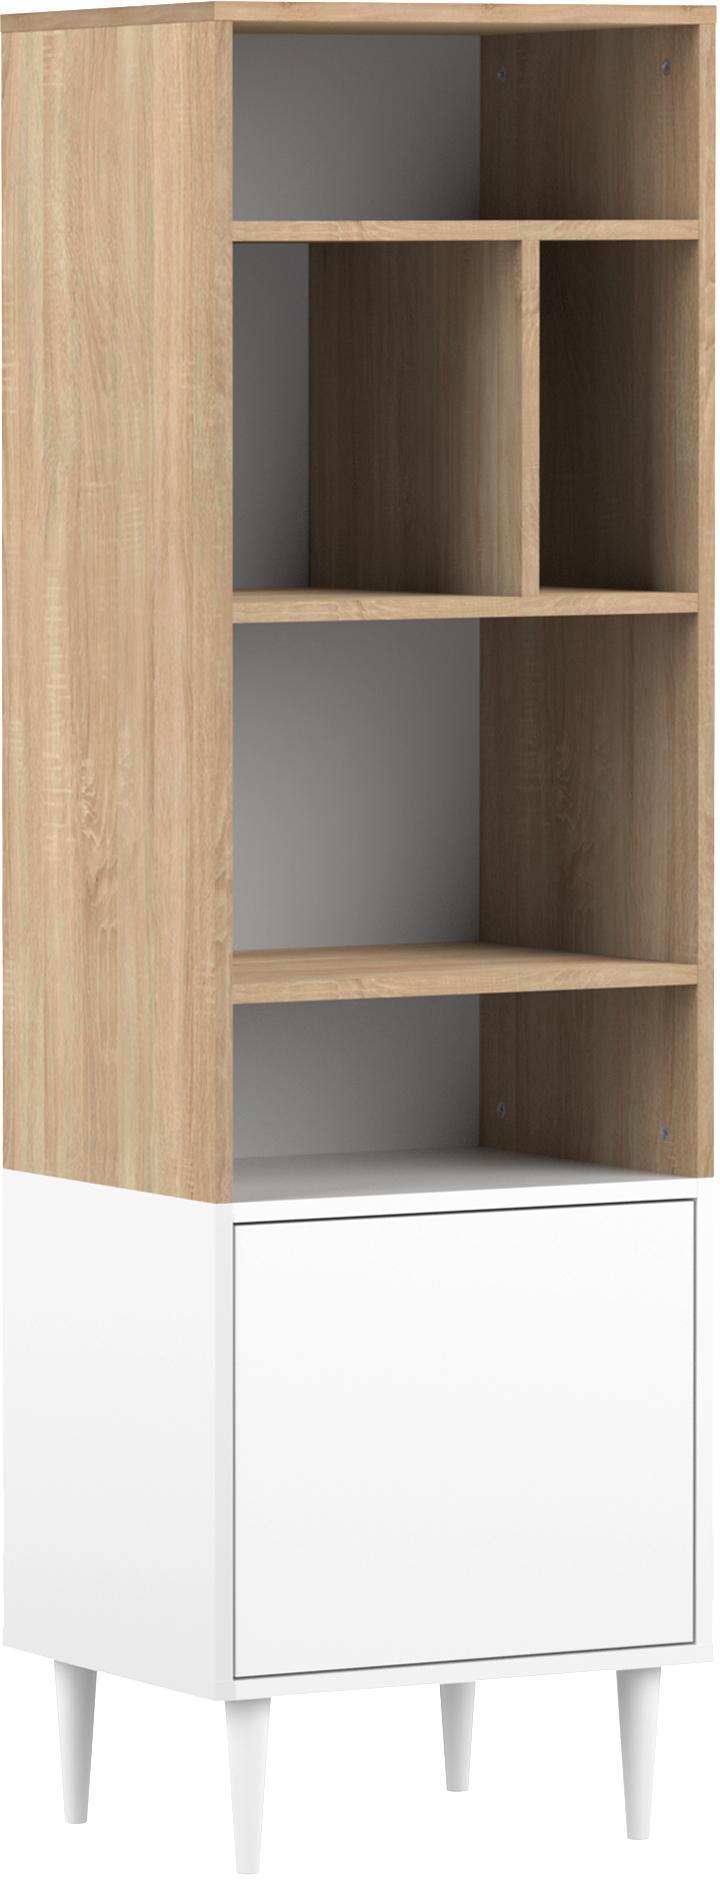 Wąski regał Horizon, Korpus: płyta wiórowa pokryta mel, Nogi: lite drewno bukowe, lakie, Drewno dębowe, biały, S 47 x W 153 cm